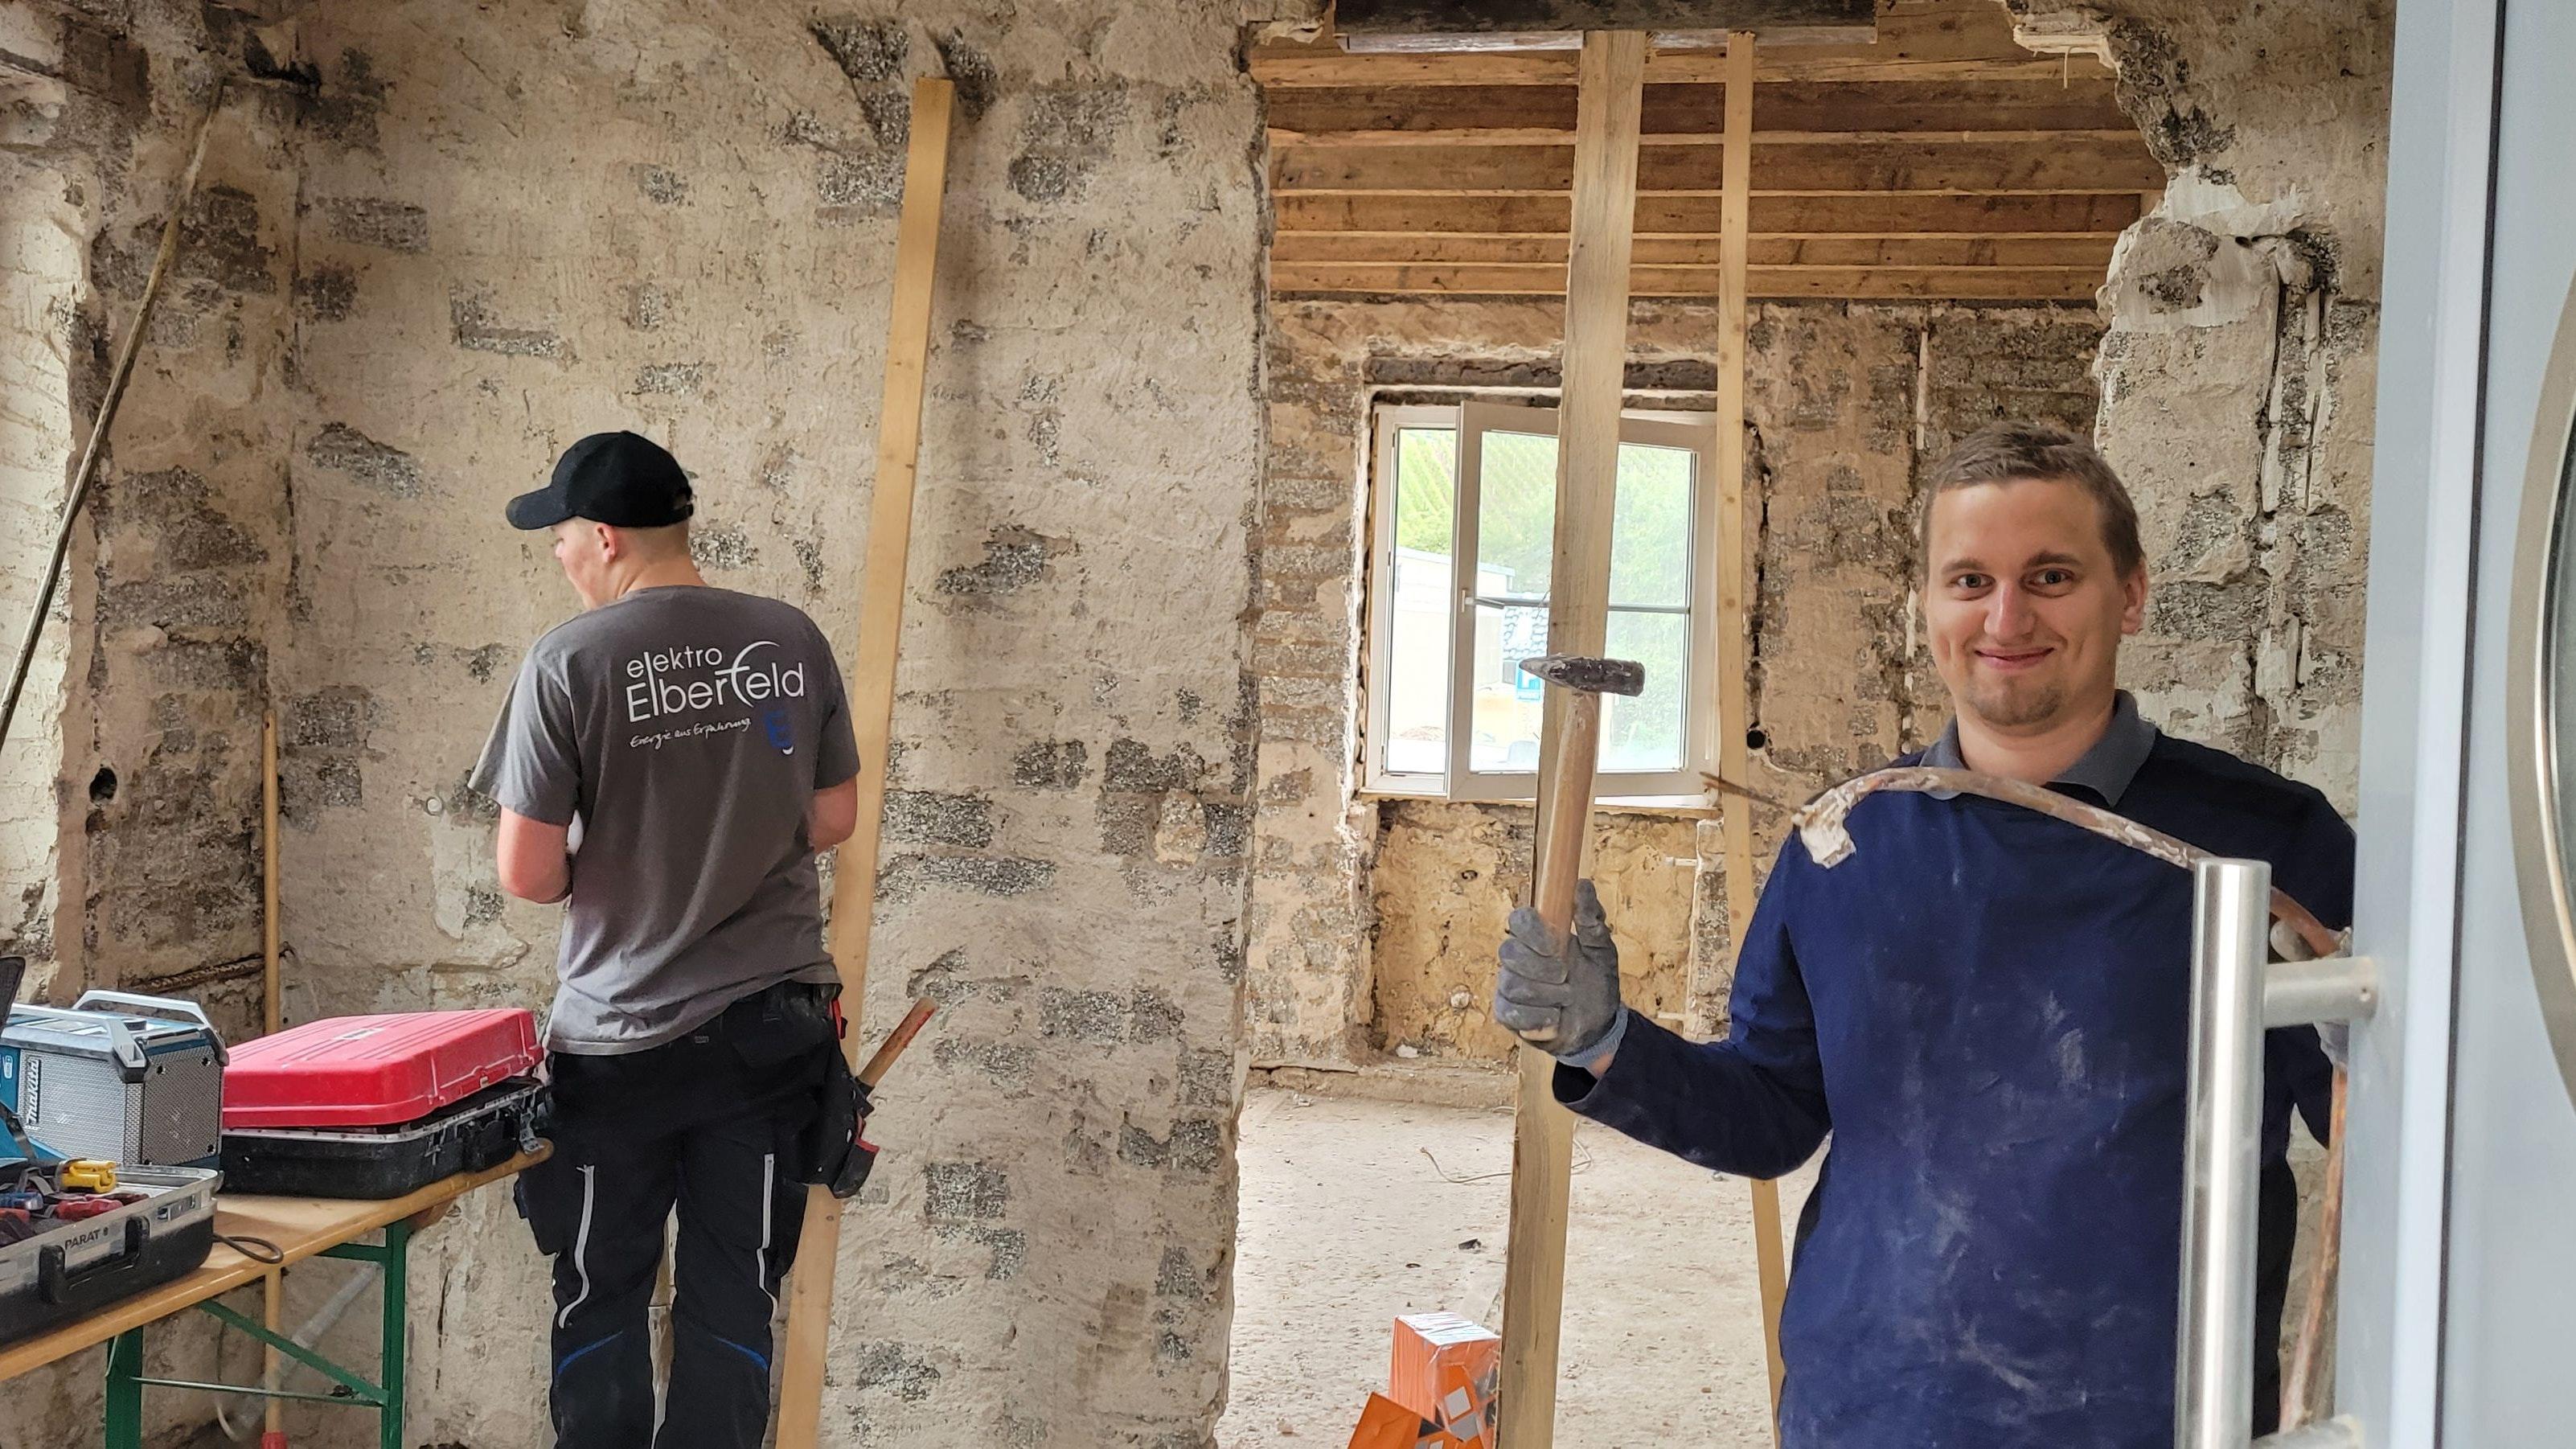 Rohbau: Schutt und Schlamm sind weg, Jens Arnemann (links)und Jan Fugel verlegen neue Stromkabel. Die beiden Elektriker sind mit weiteren Kollegen aus Thüle nach Dernau gefahren, um zu helfen. Foto: Elektro Elberfeld